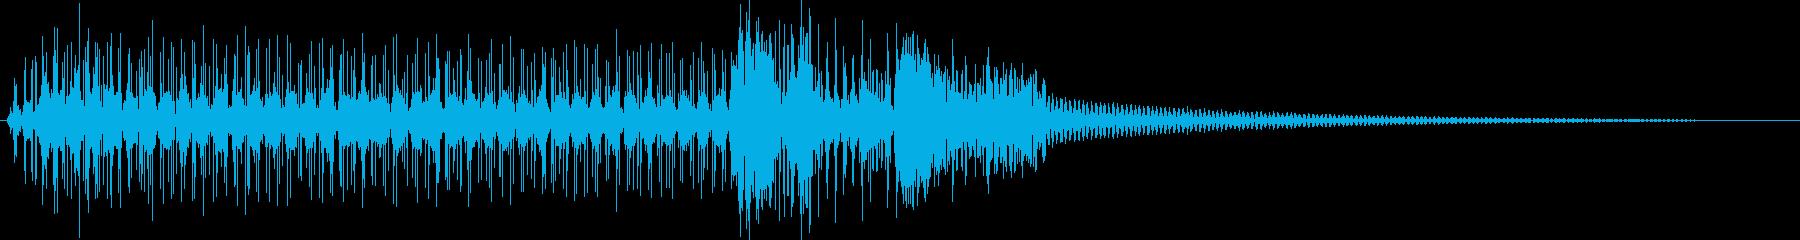 スペースインターフェイスまたはコン...の再生済みの波形